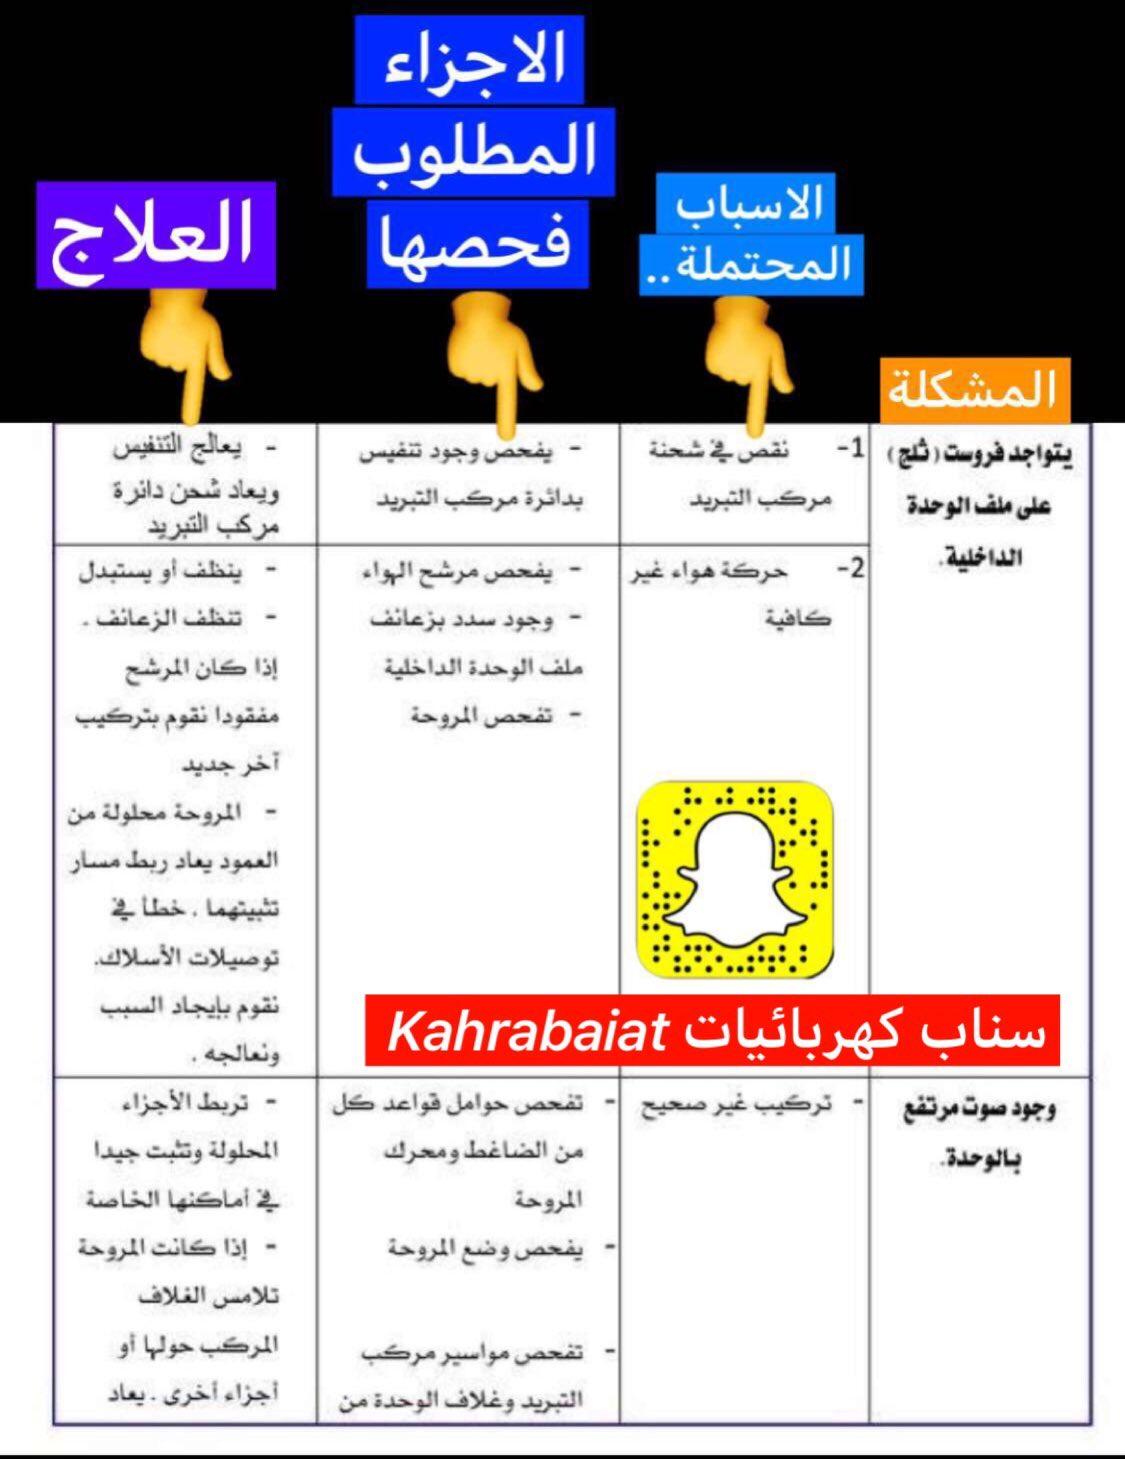 منصور الشبيبي Di Twitter المكيف عندك يثلج شف هالصورة تفيدك بالحلول